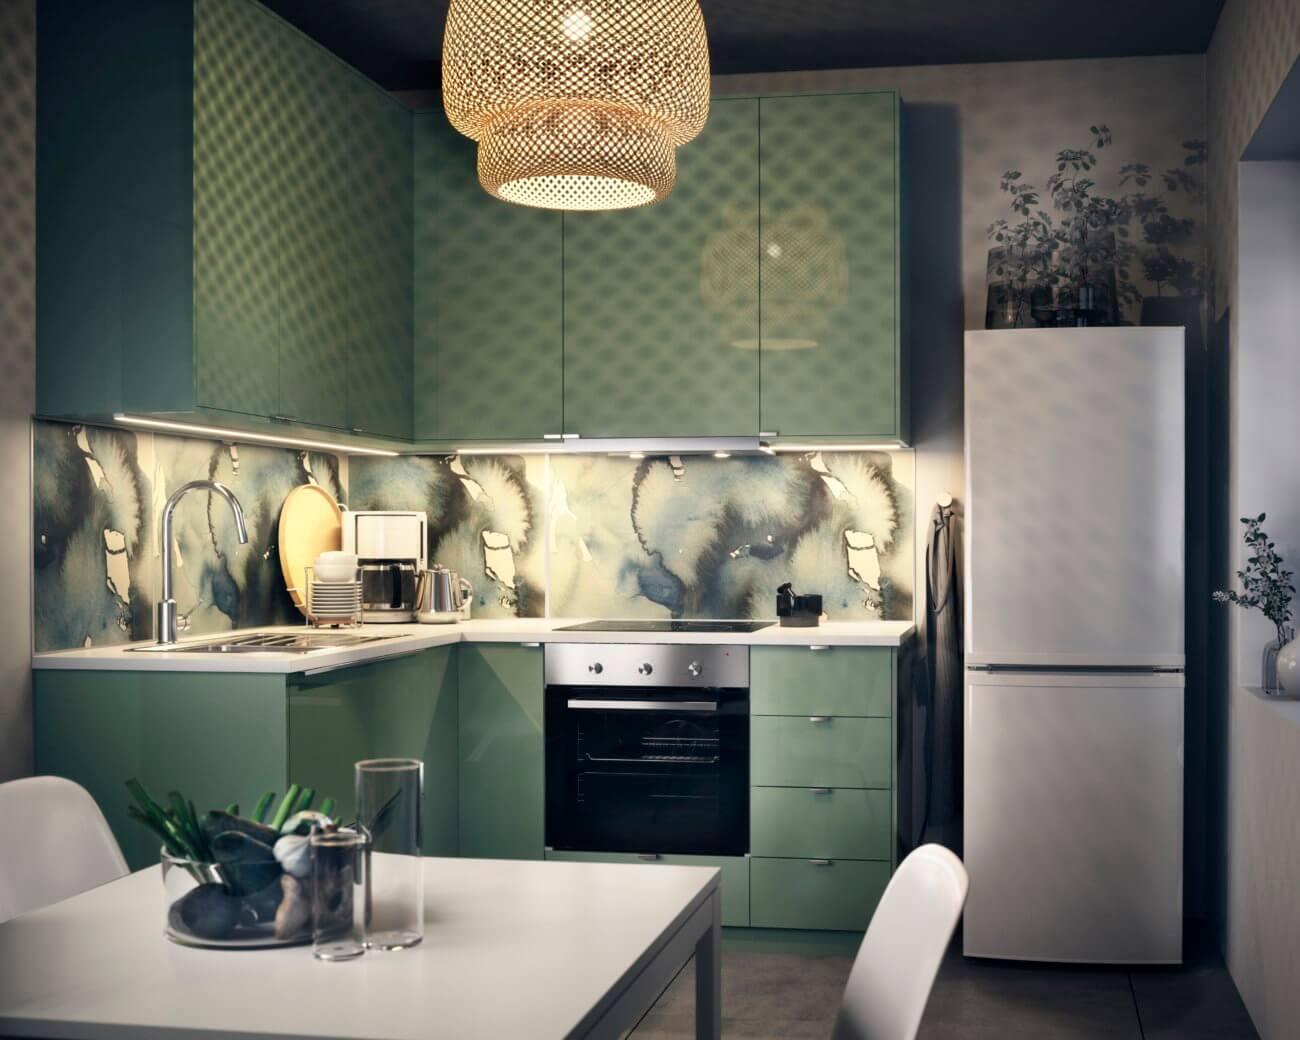 diy-anleitung: küche selbst mit neuer farbe streichen und renovieren